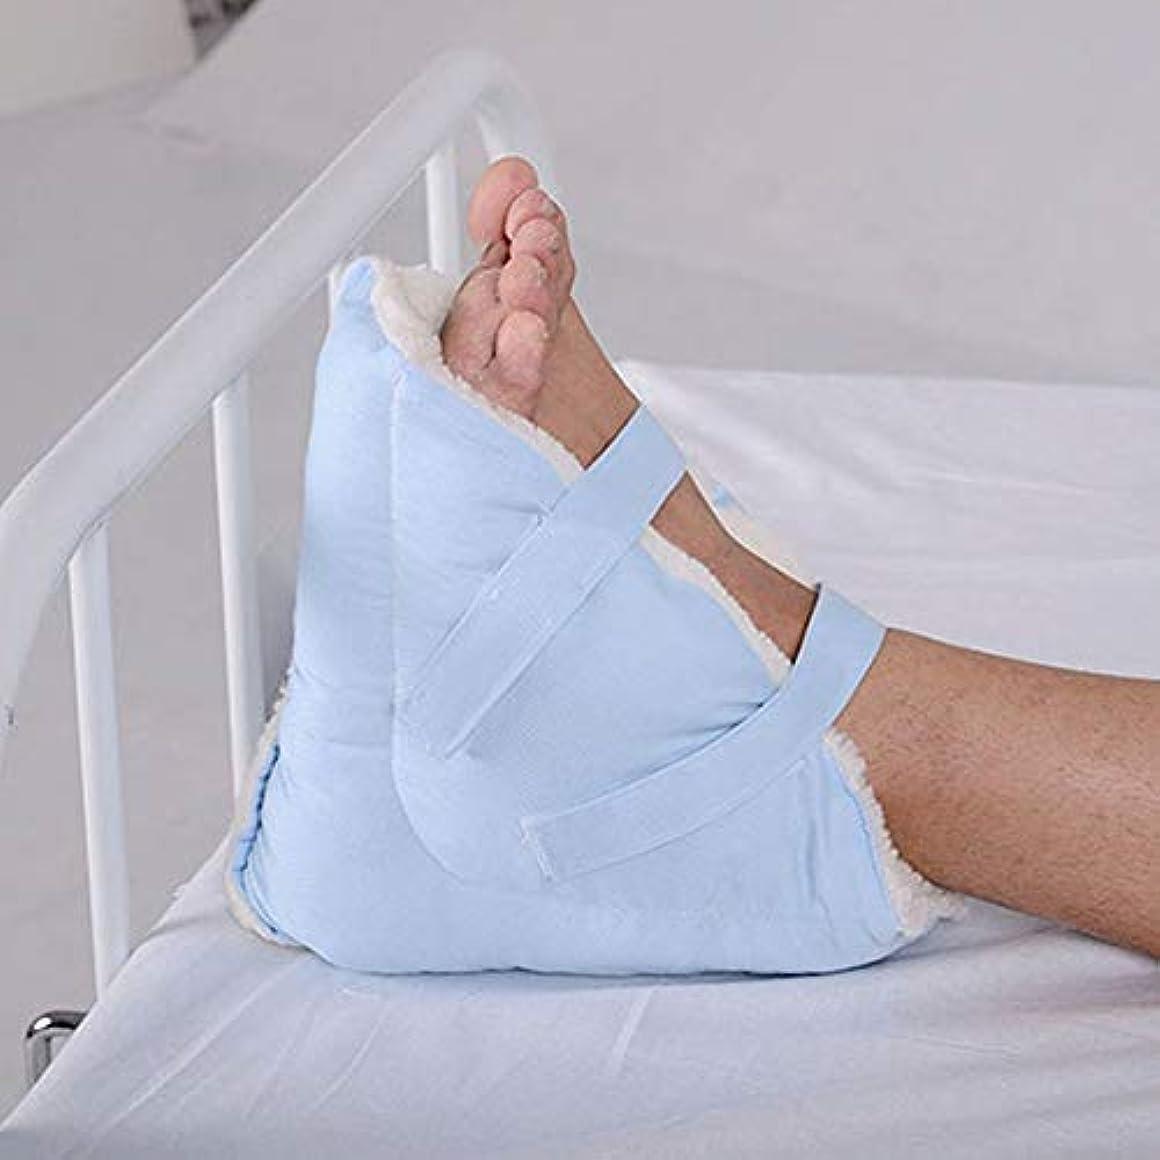 なぞらえるサミットトラフ医療用ヒールクッションプロテクター - 足と足首の枕ガード1組   - 合成 ラムスウールフリースパッド入り - 圧力開放